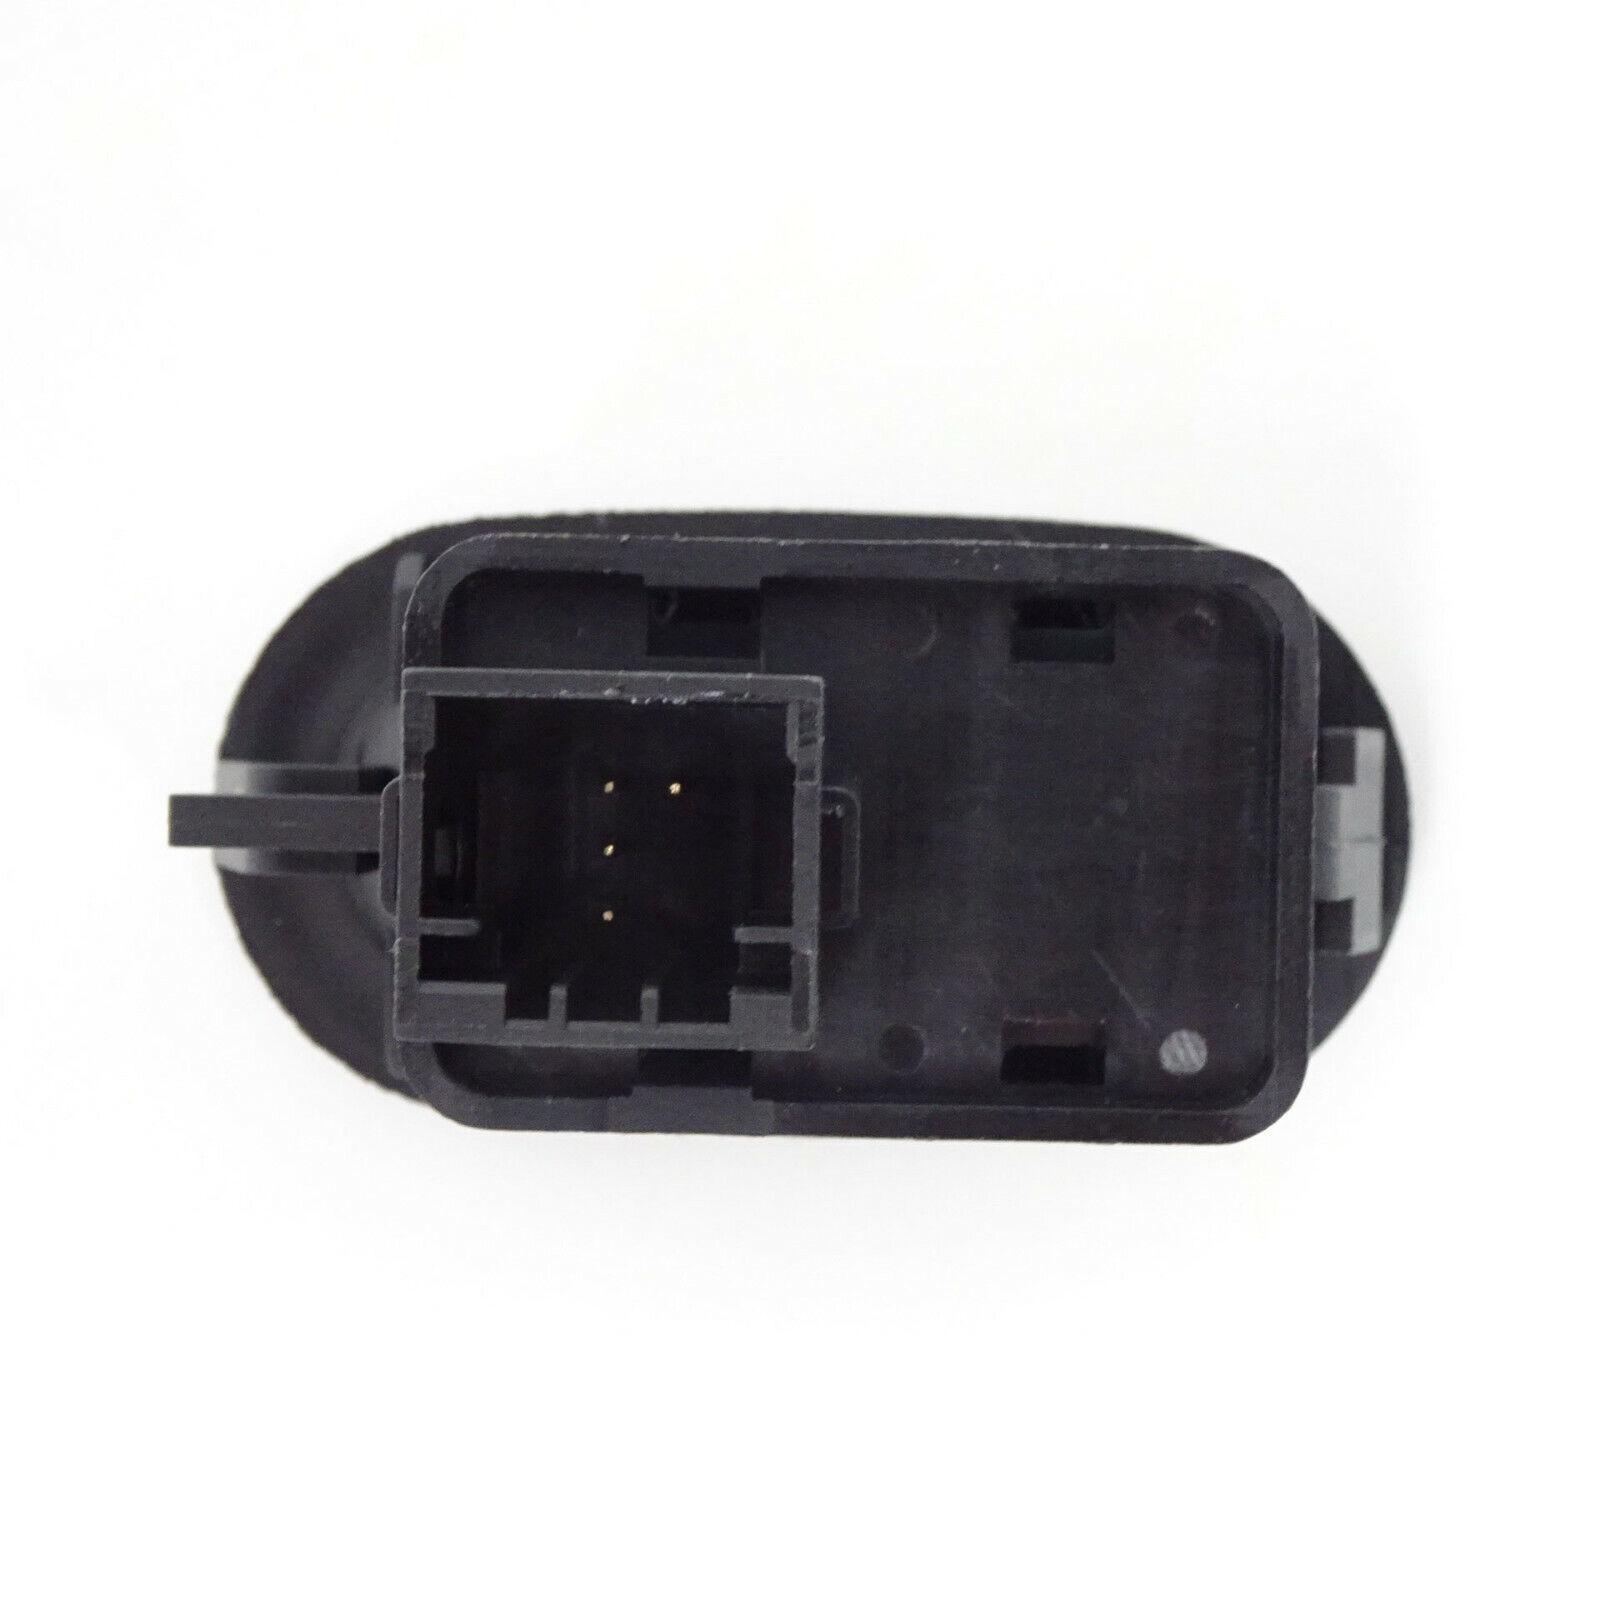 Interruttore alzacristallo anteriore sinistro CITROEN C3 Pluriel 2003-2019 6L7